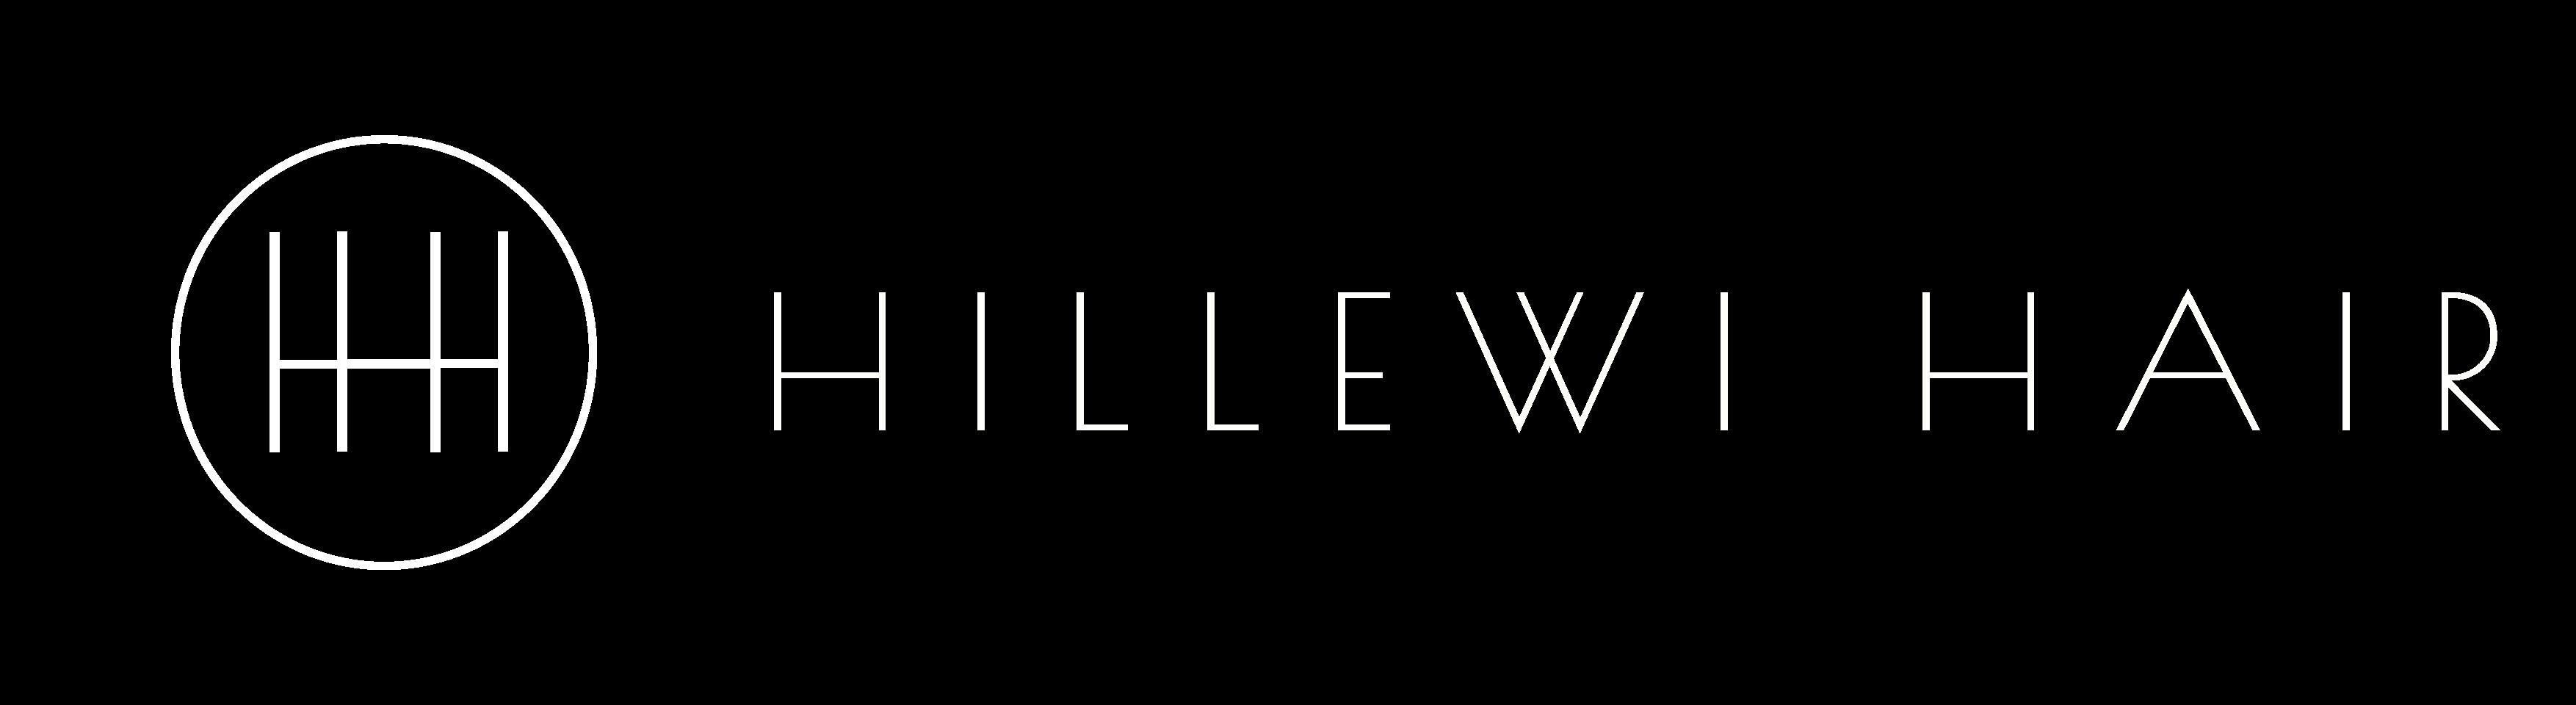 HILLEWI HAIR